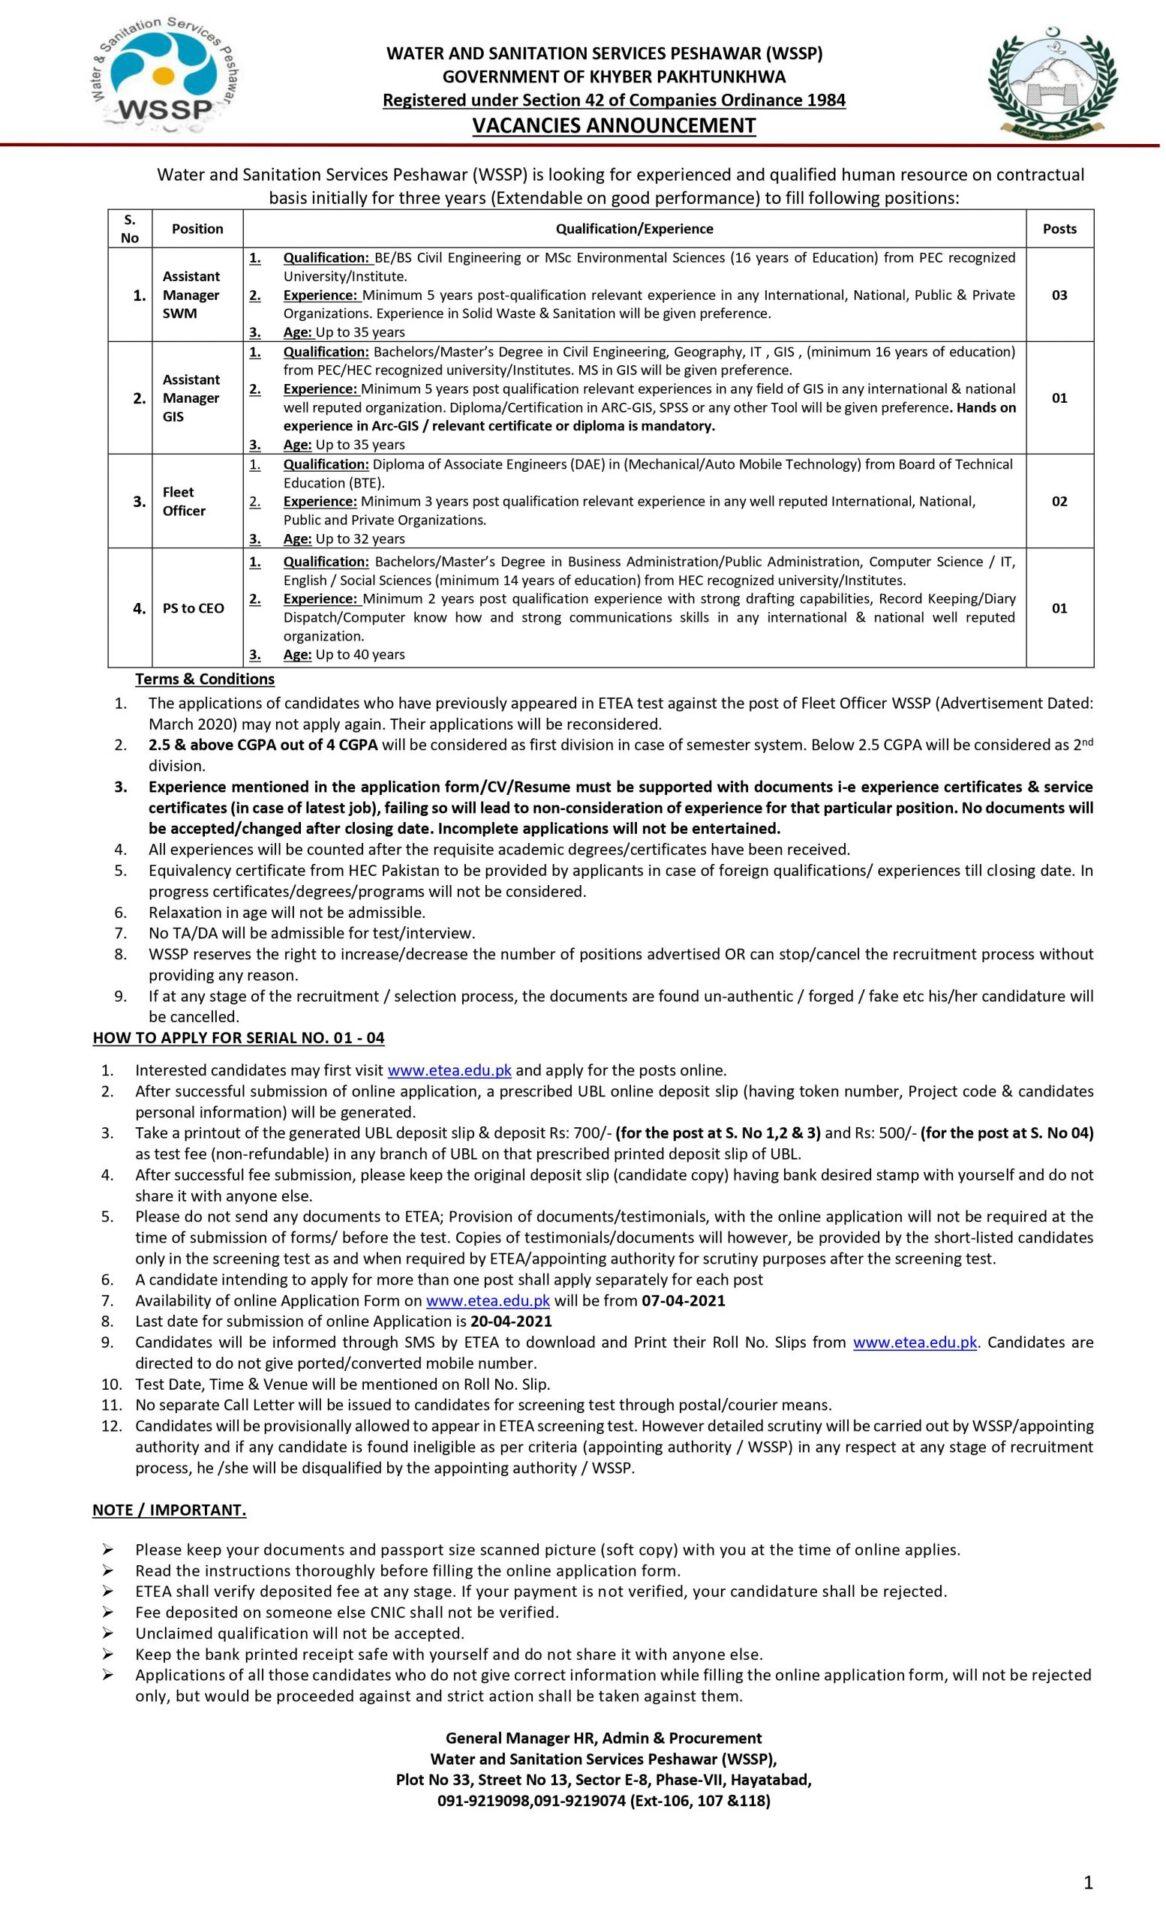 WSSP Water Sanitation Services Peshawar Jobs ETEA Test Roll No Slip